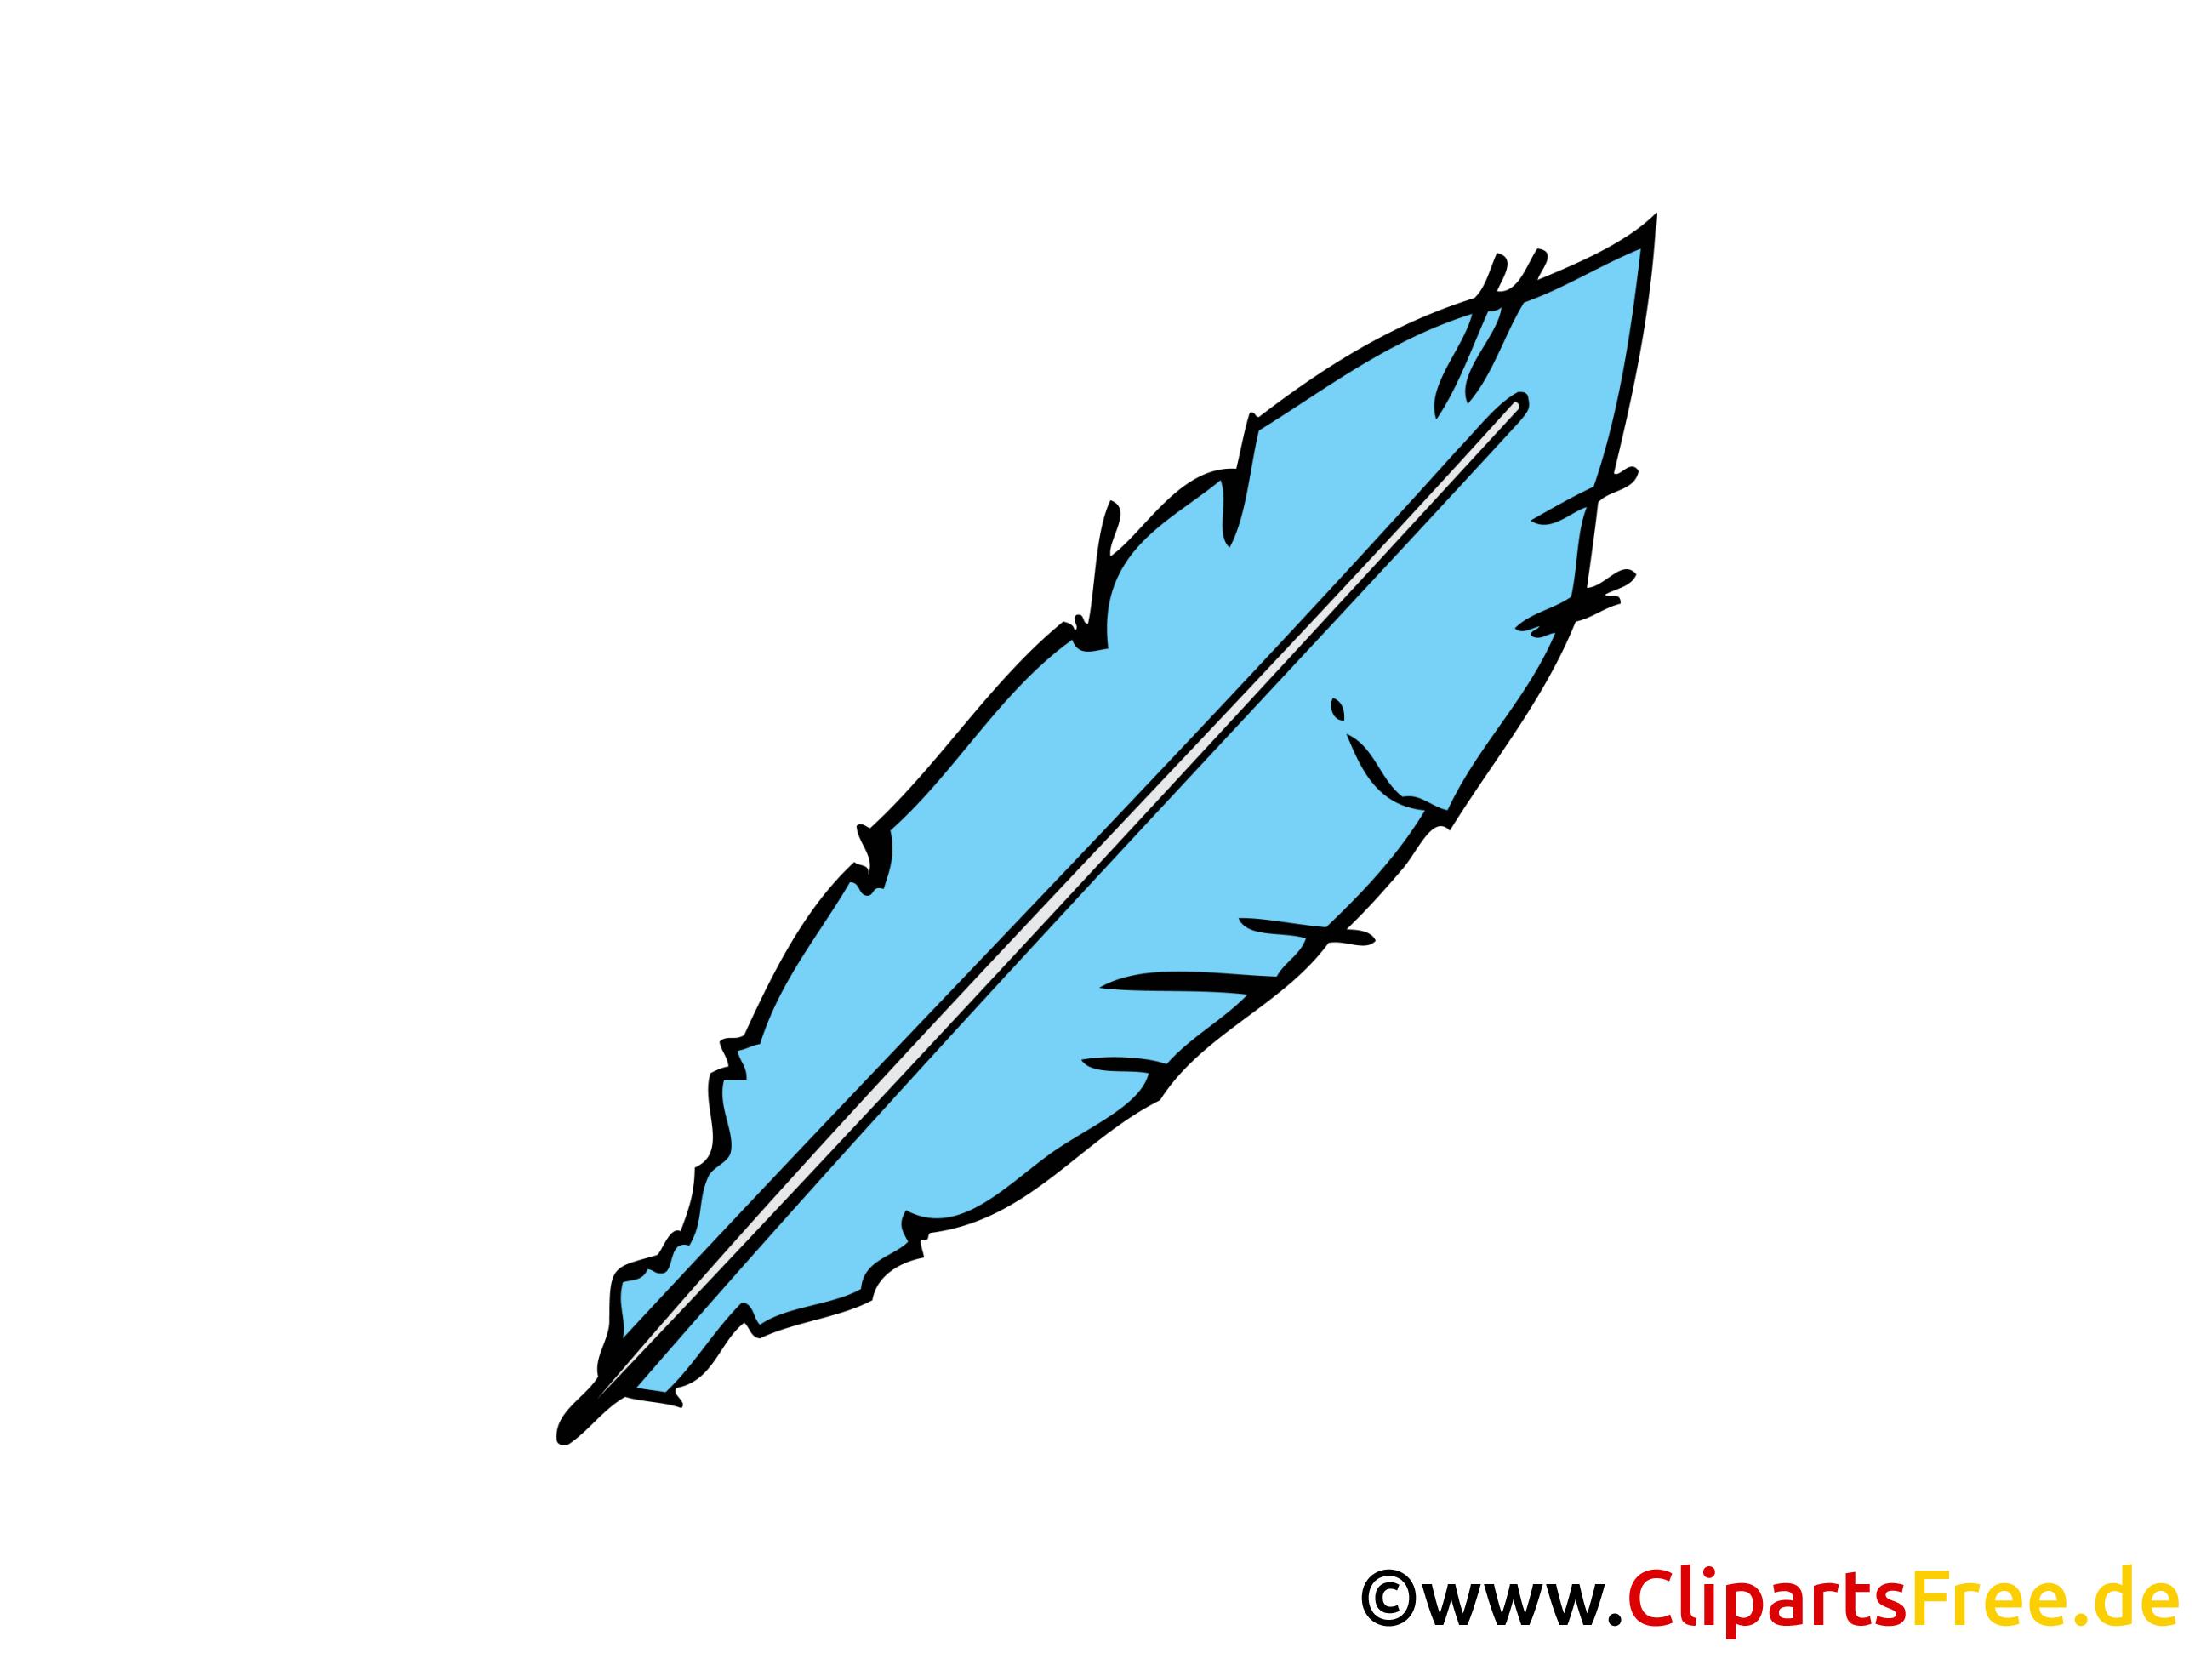 feder zum schreiben bild clipart illustration grafik gratis